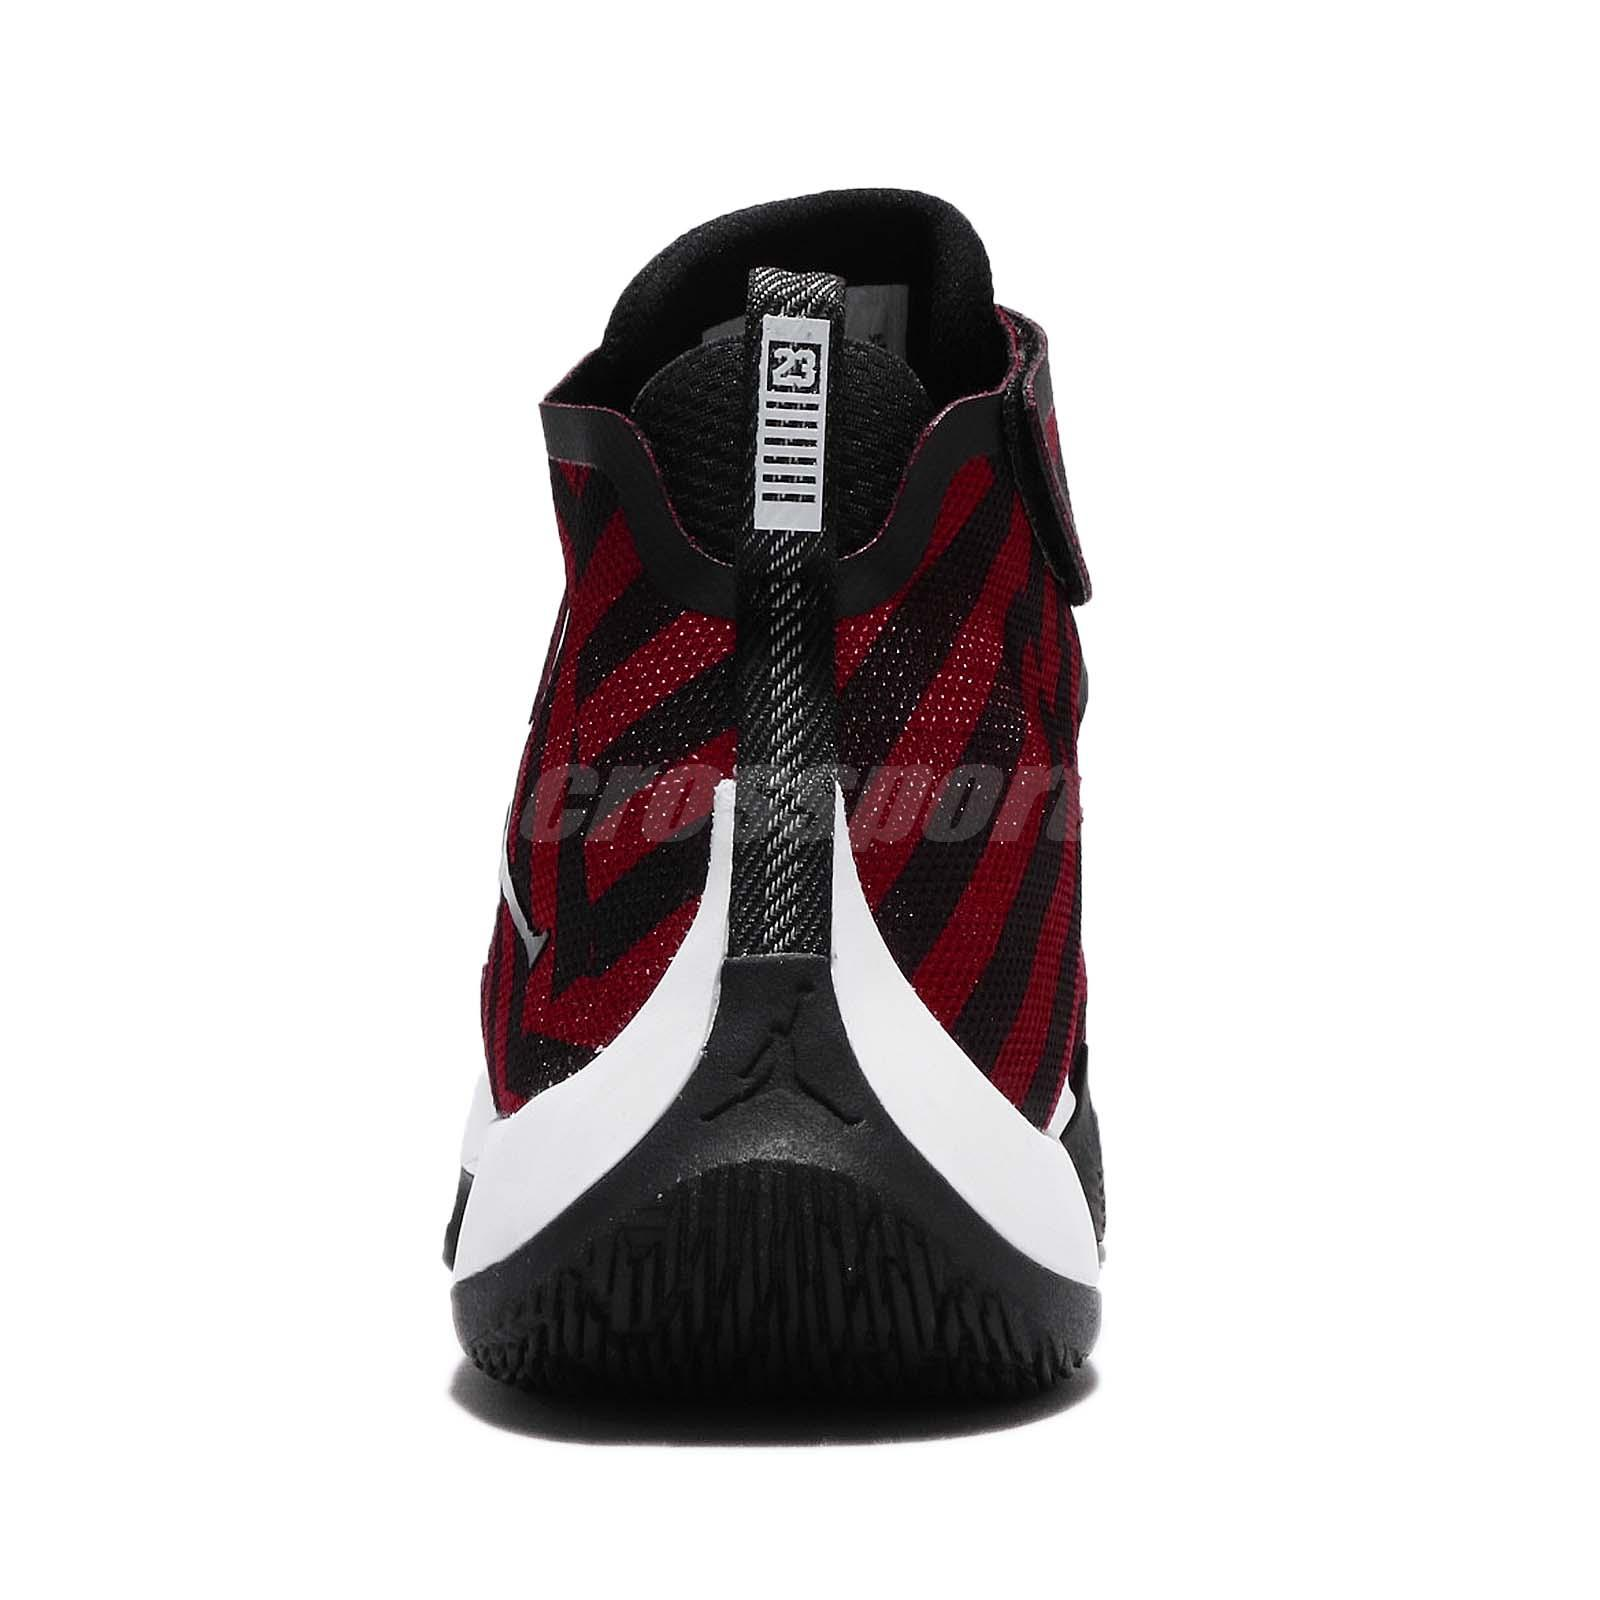 7daf55fb9d67fe Nike Jordan Fly Unlimited PFX Gym Red Black Men Basketball Shoes ...